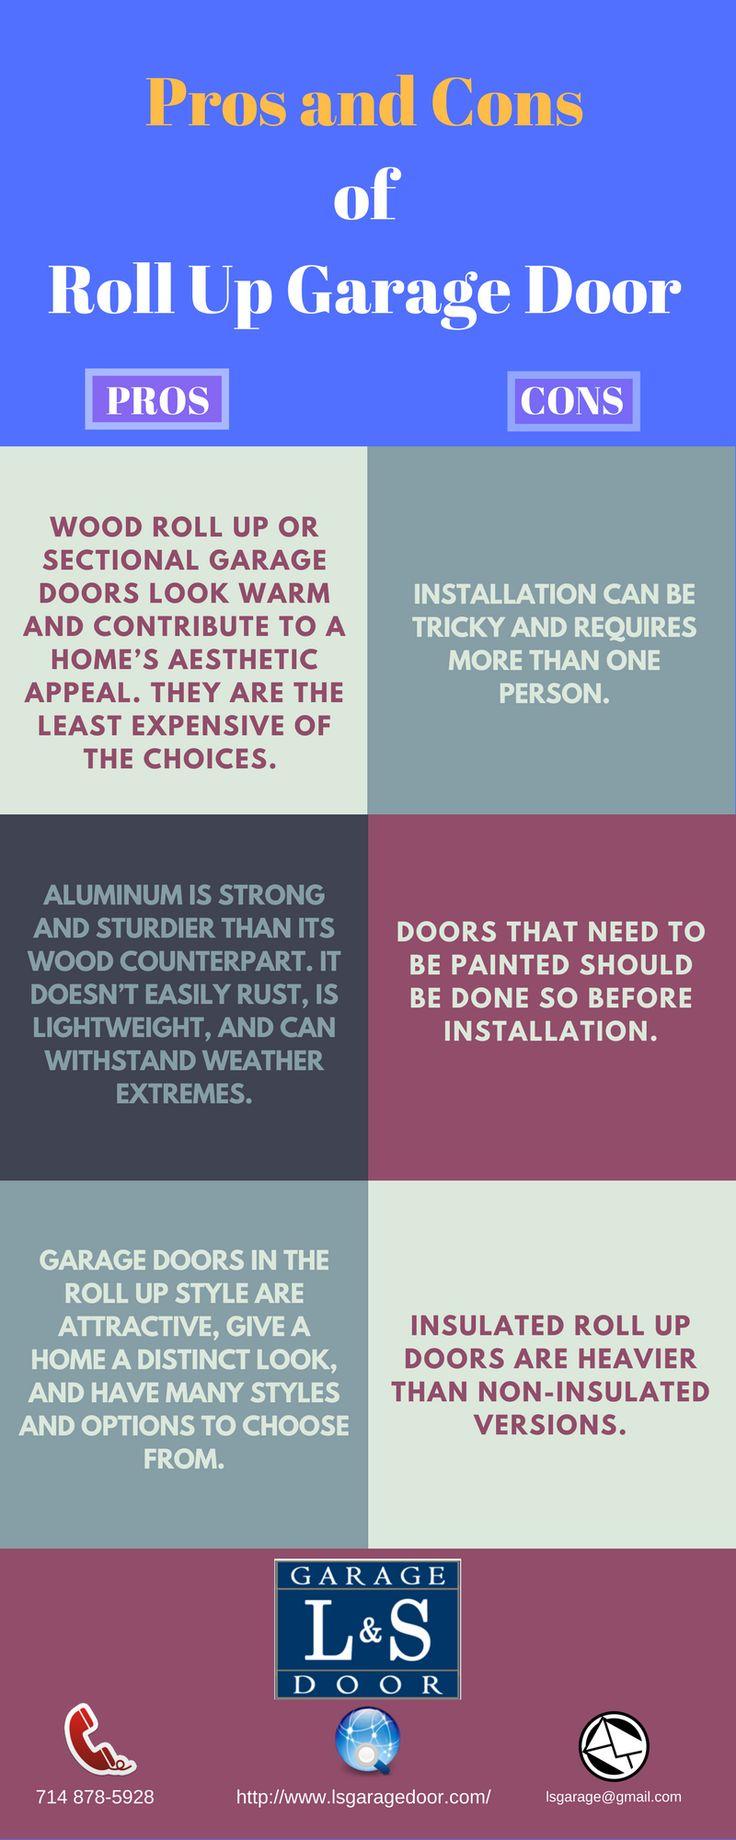 171 best Garage Door Repairs images on Pinterest | Carriage doors ...